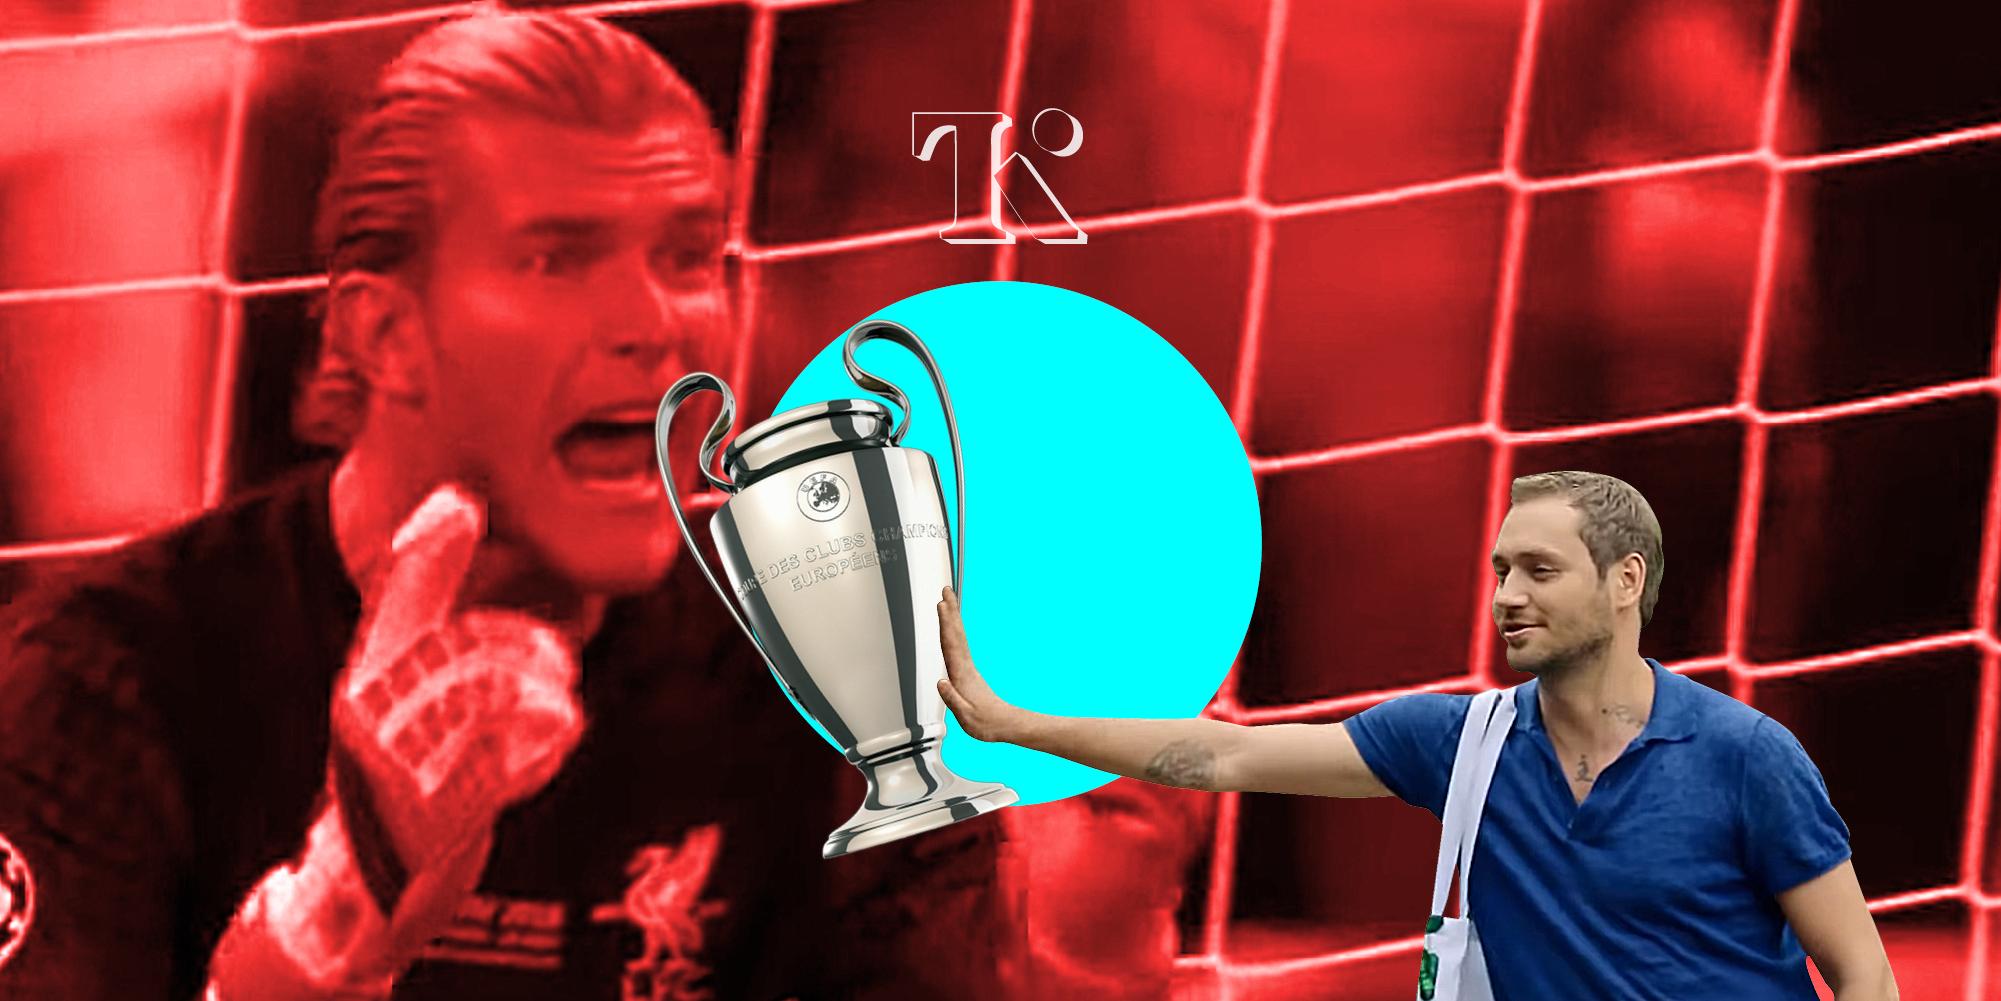 Телерейтинги: большой футбол, финал «Холостяка» и немного юмора